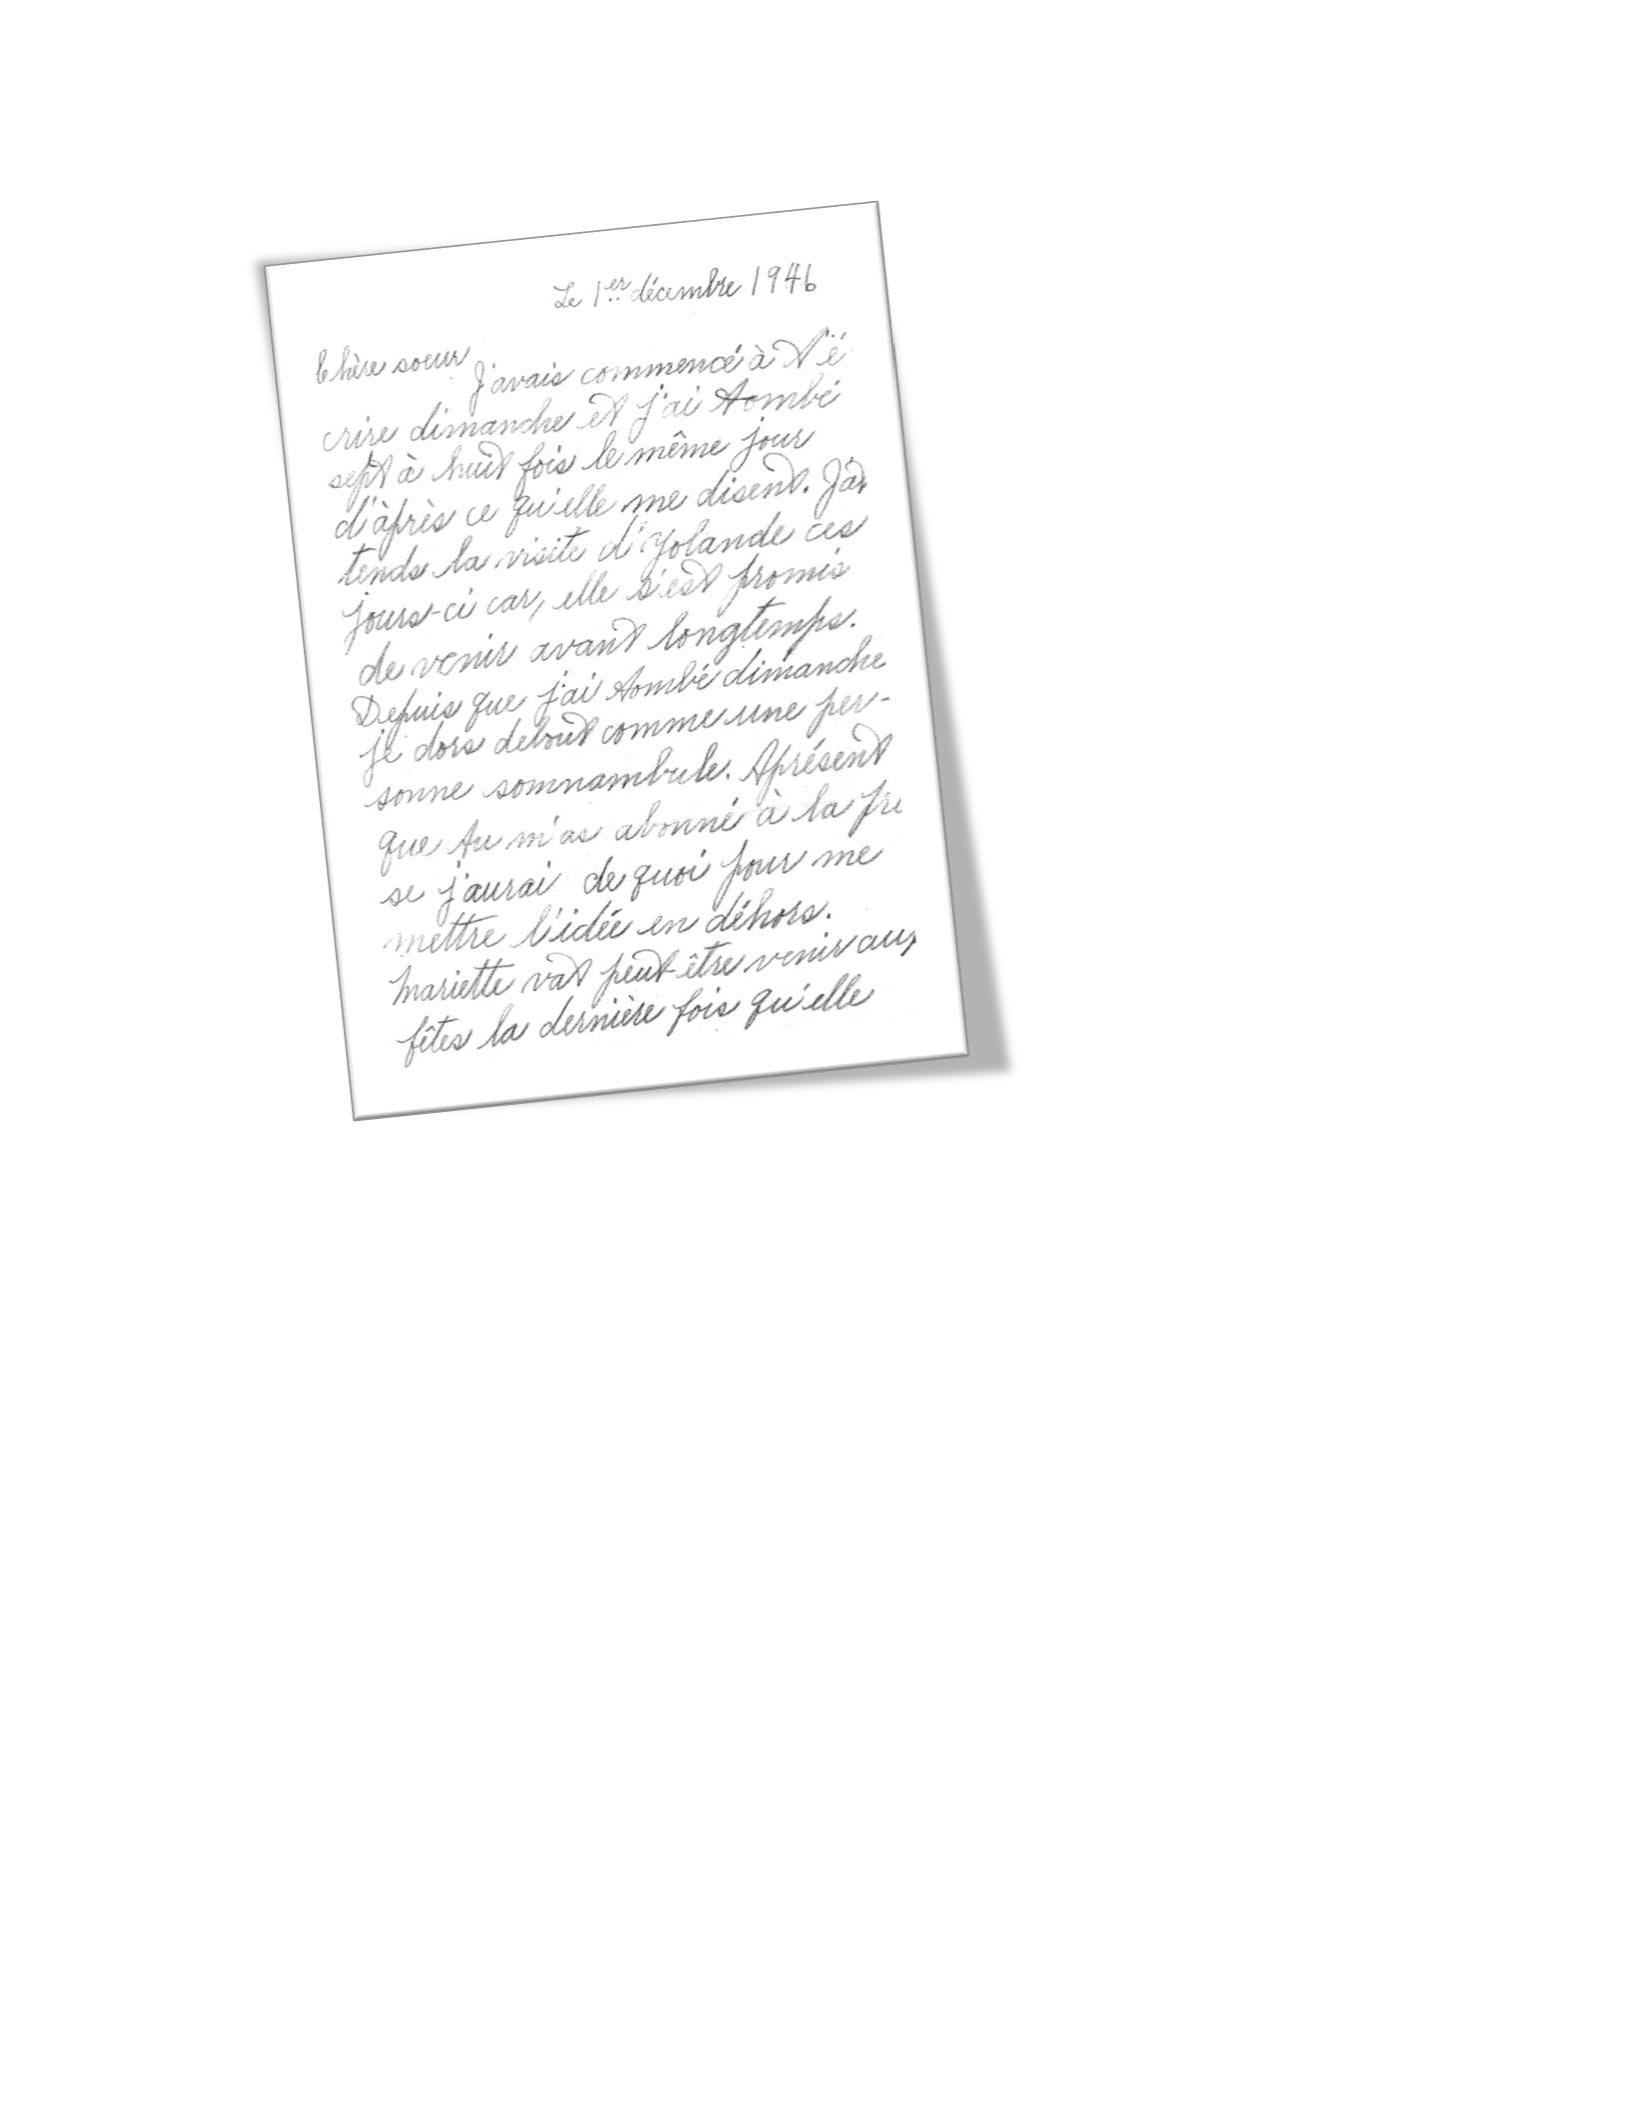 samples of handwriting